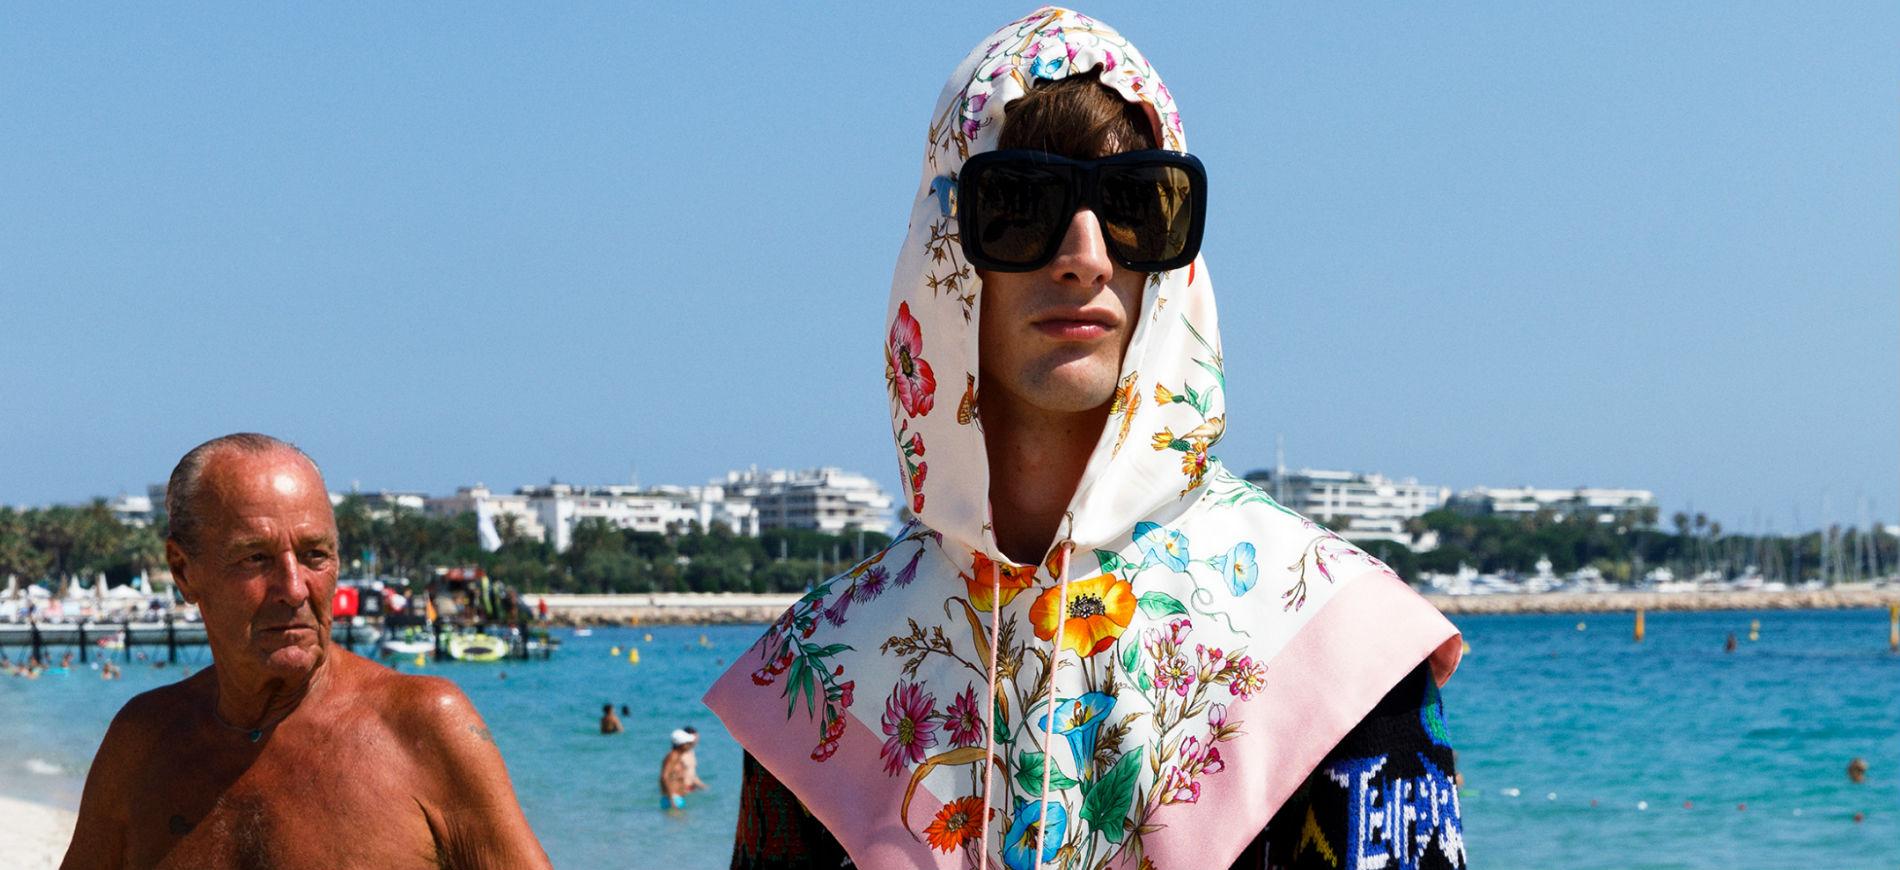 Modello in abiti Gucci Cruise Uomo 2019 sulla spiaggia di Cannes - credits Martin Parr